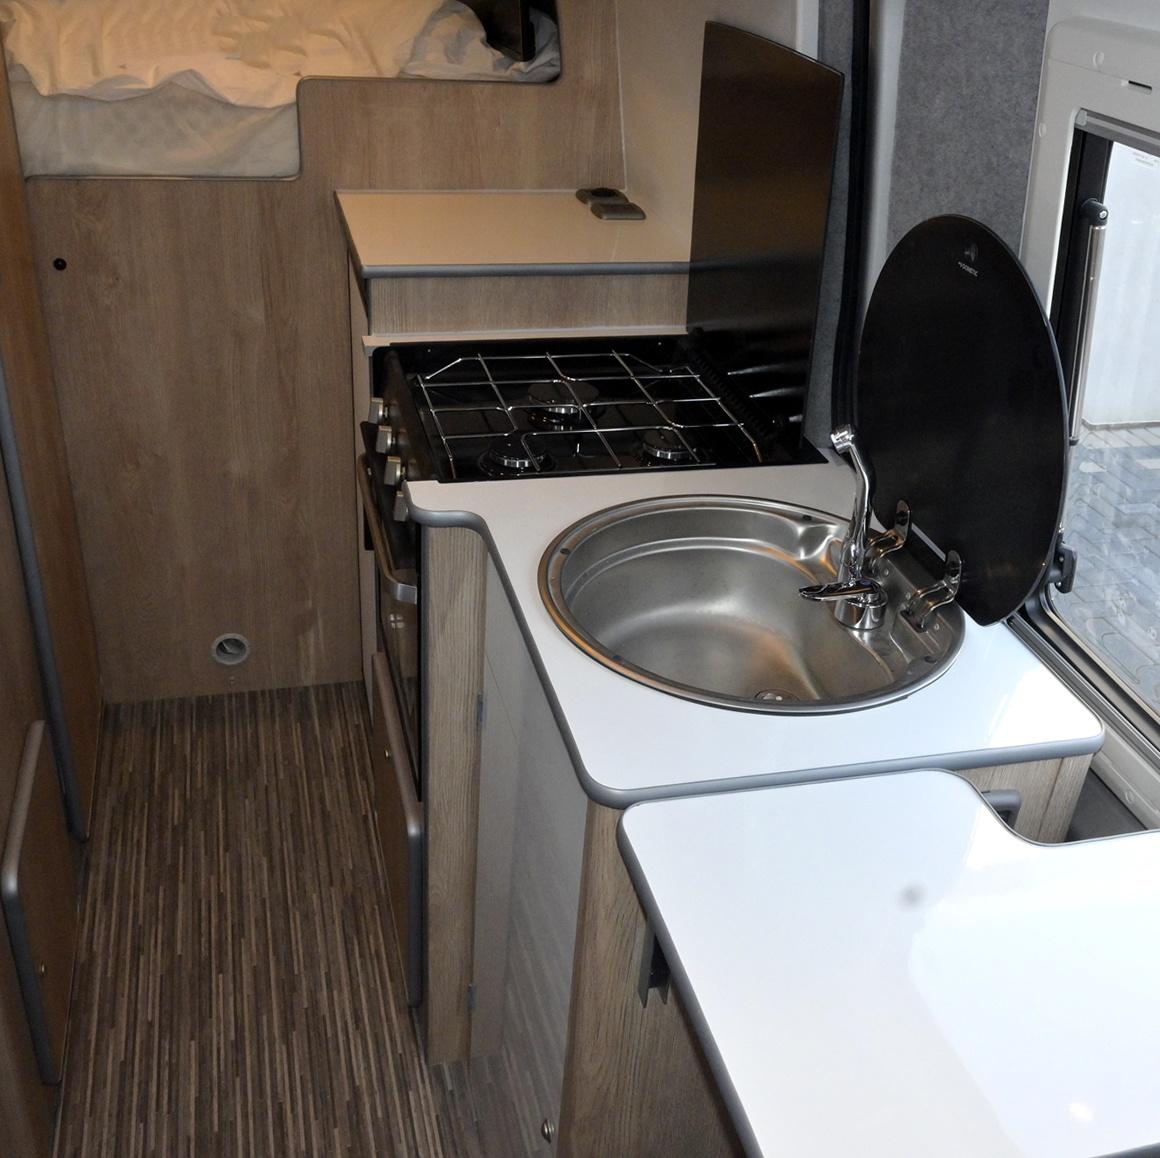 Mercedes Adventure Edition inside kitchen